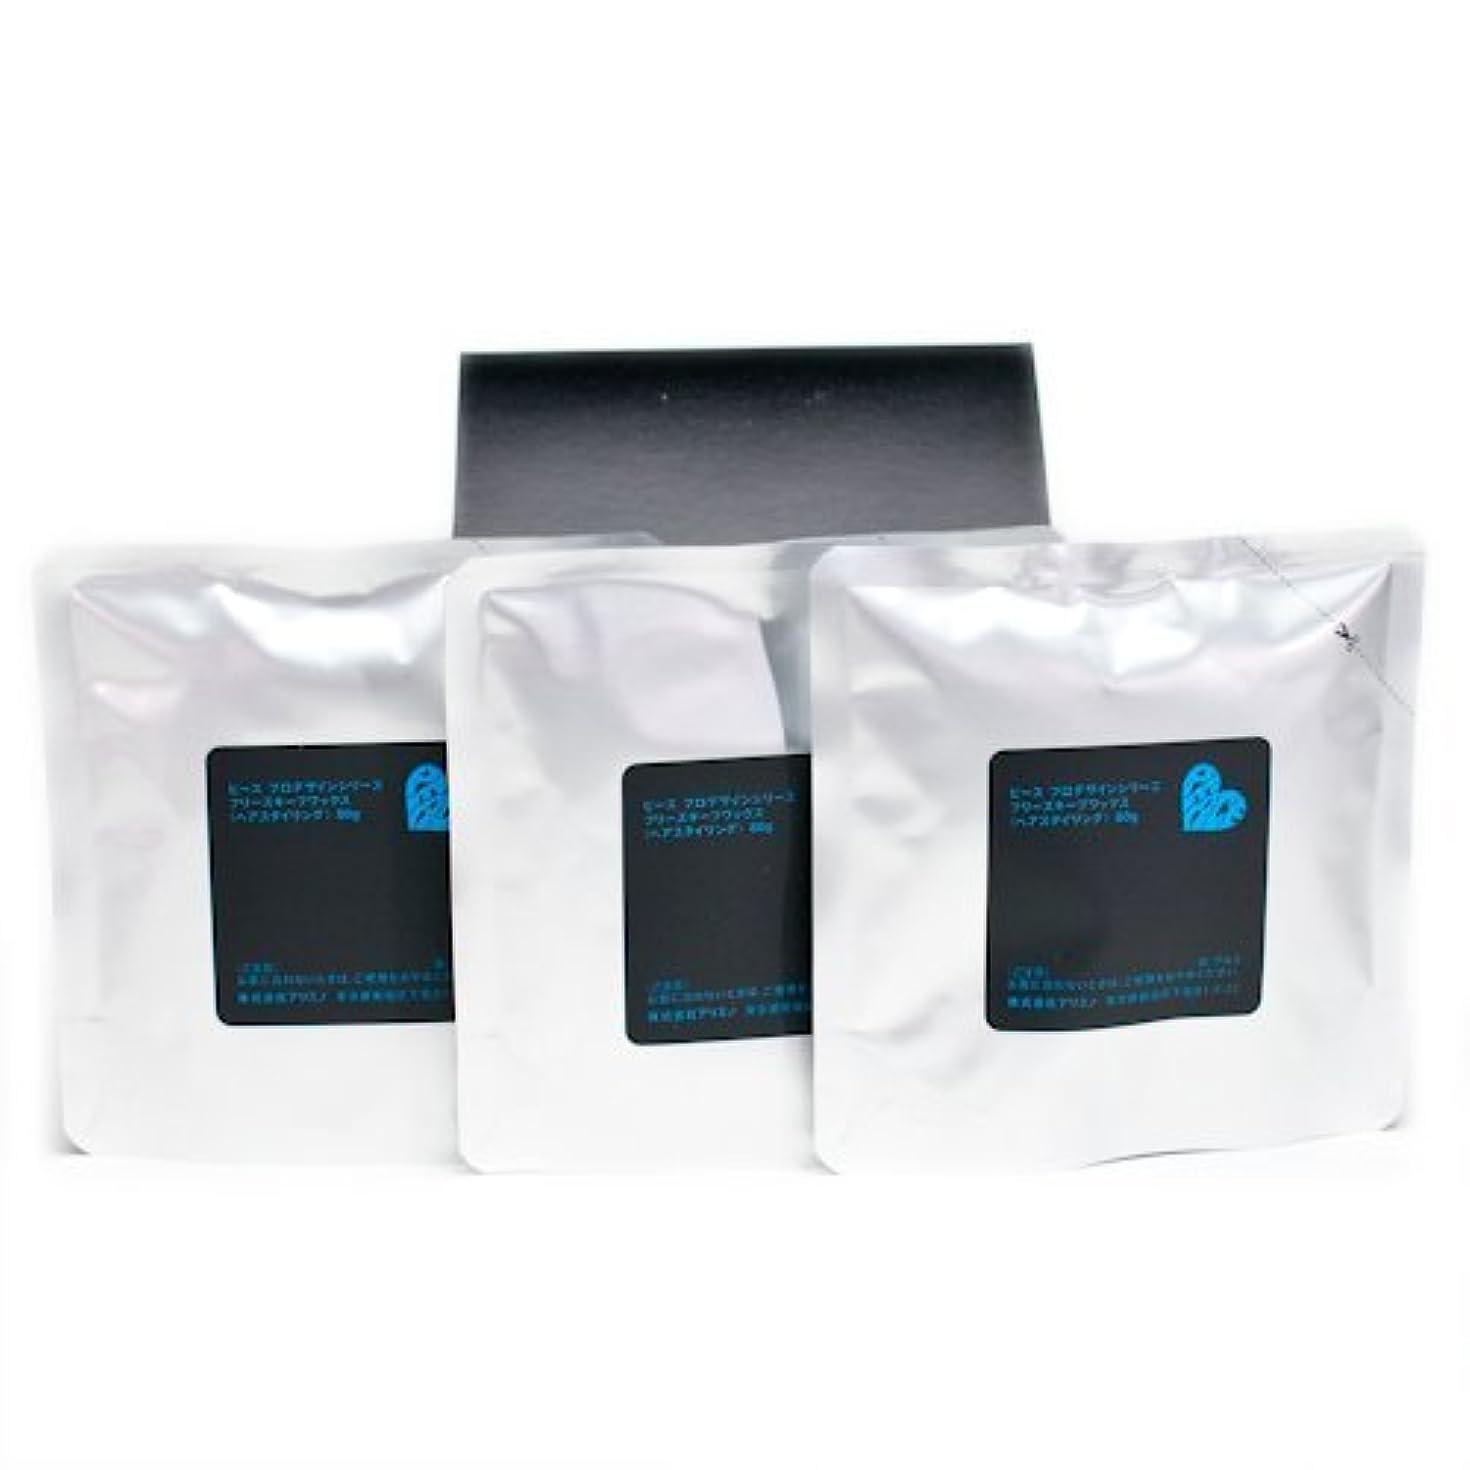 義務づける敬意を表するスカルクアリミノ ピース フリーズキープワックス (ブラック)80g(業務?詰替用)×3個入り